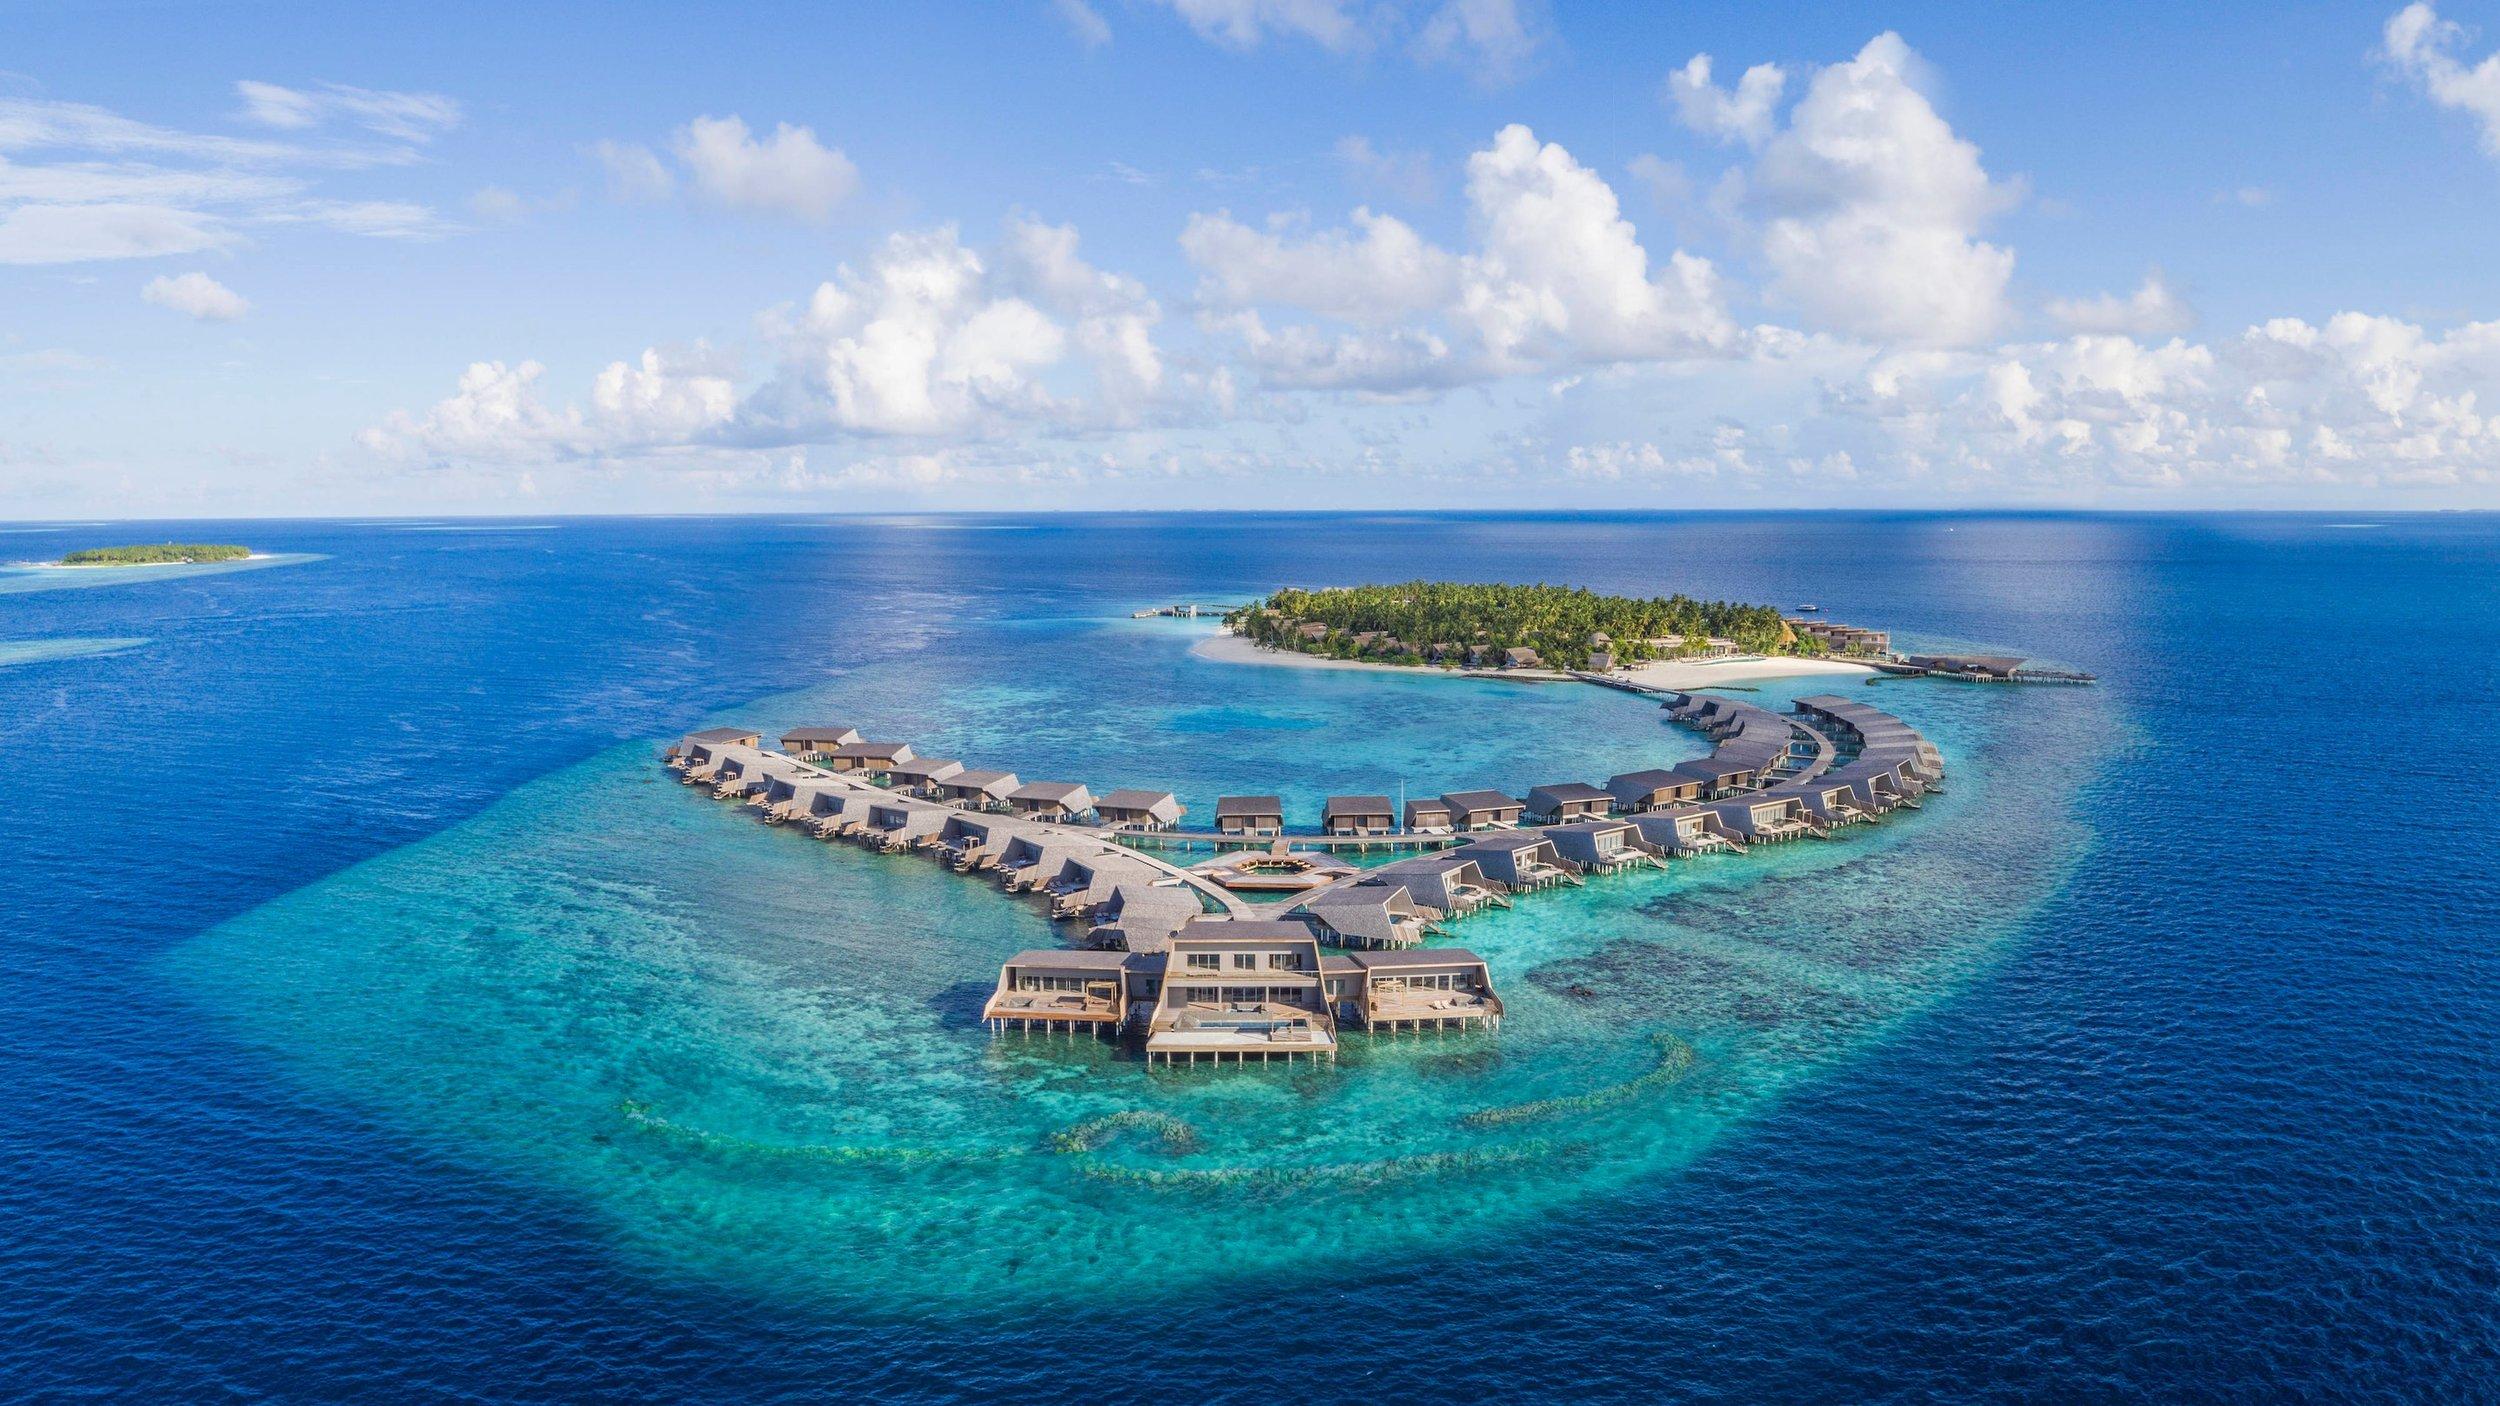 The St. Regis Maldives Vommuli Resort - Vommuli Island, Maldives